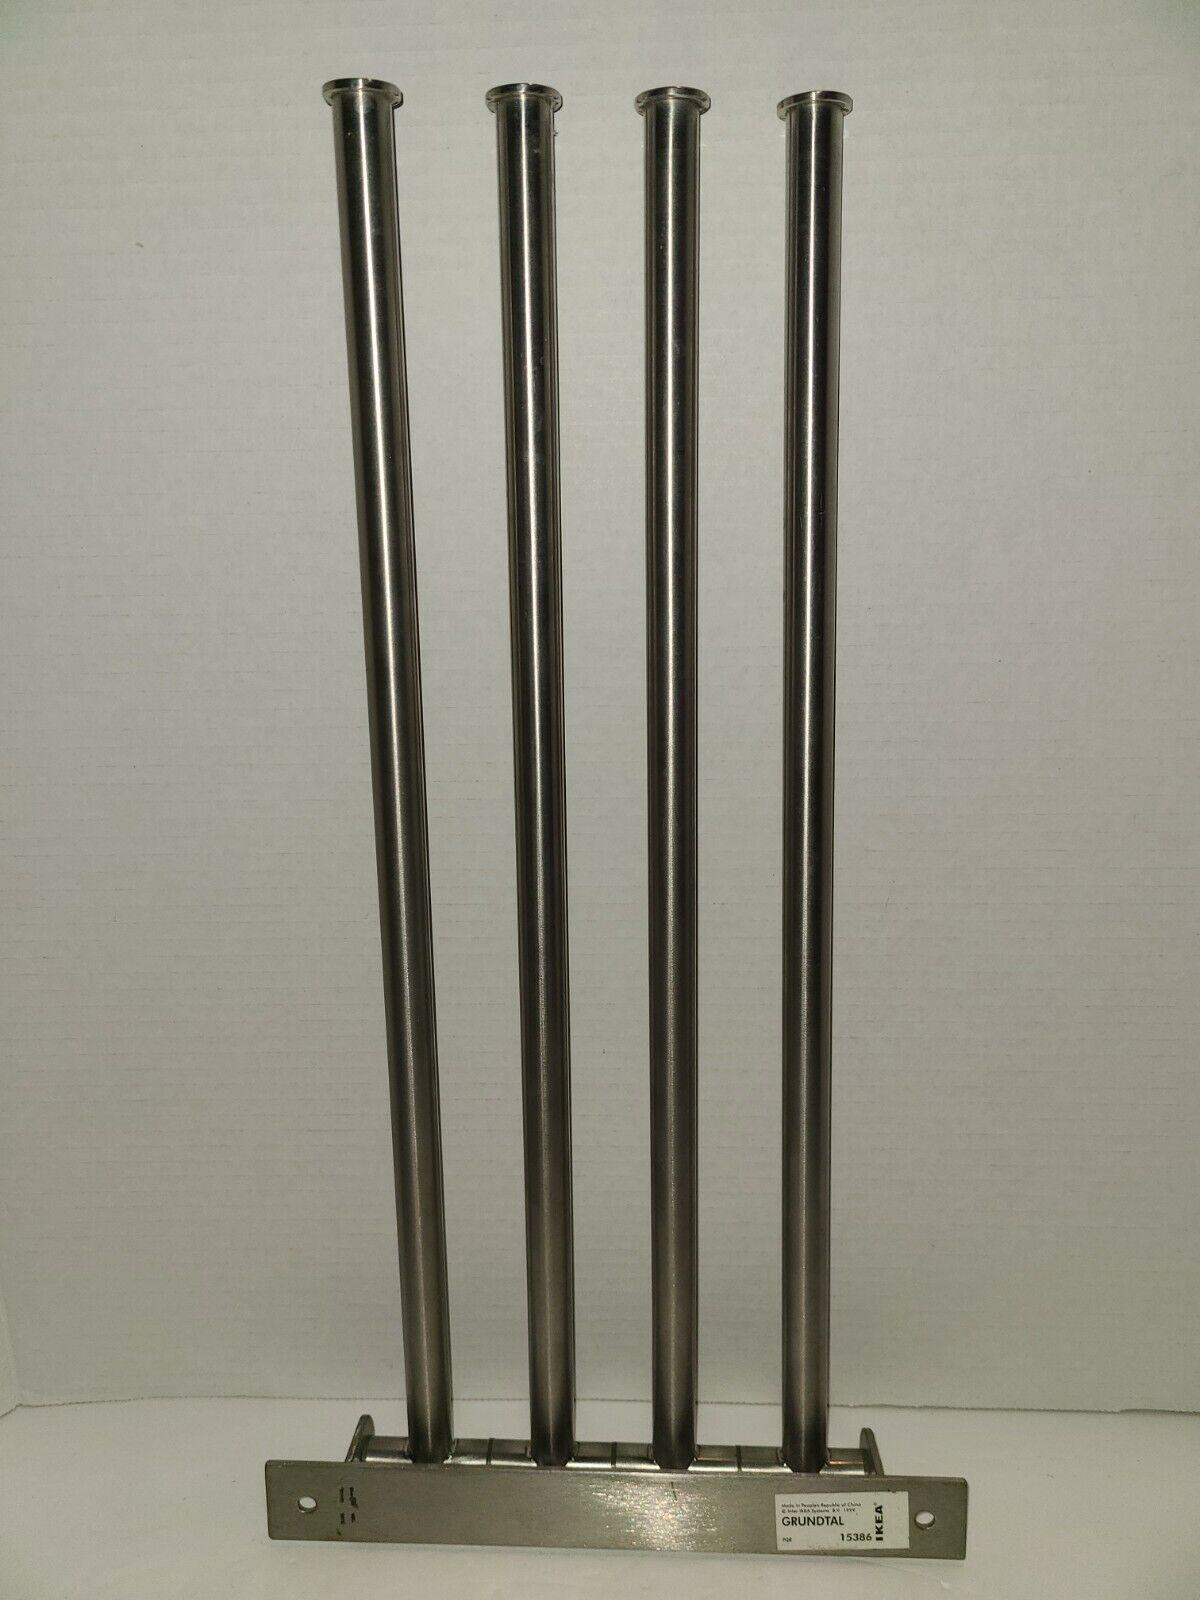 IKEA GRUNDTAL 600.478.96 Stainless Steel 4 Swing Arm Swivel Towel Holder 15386